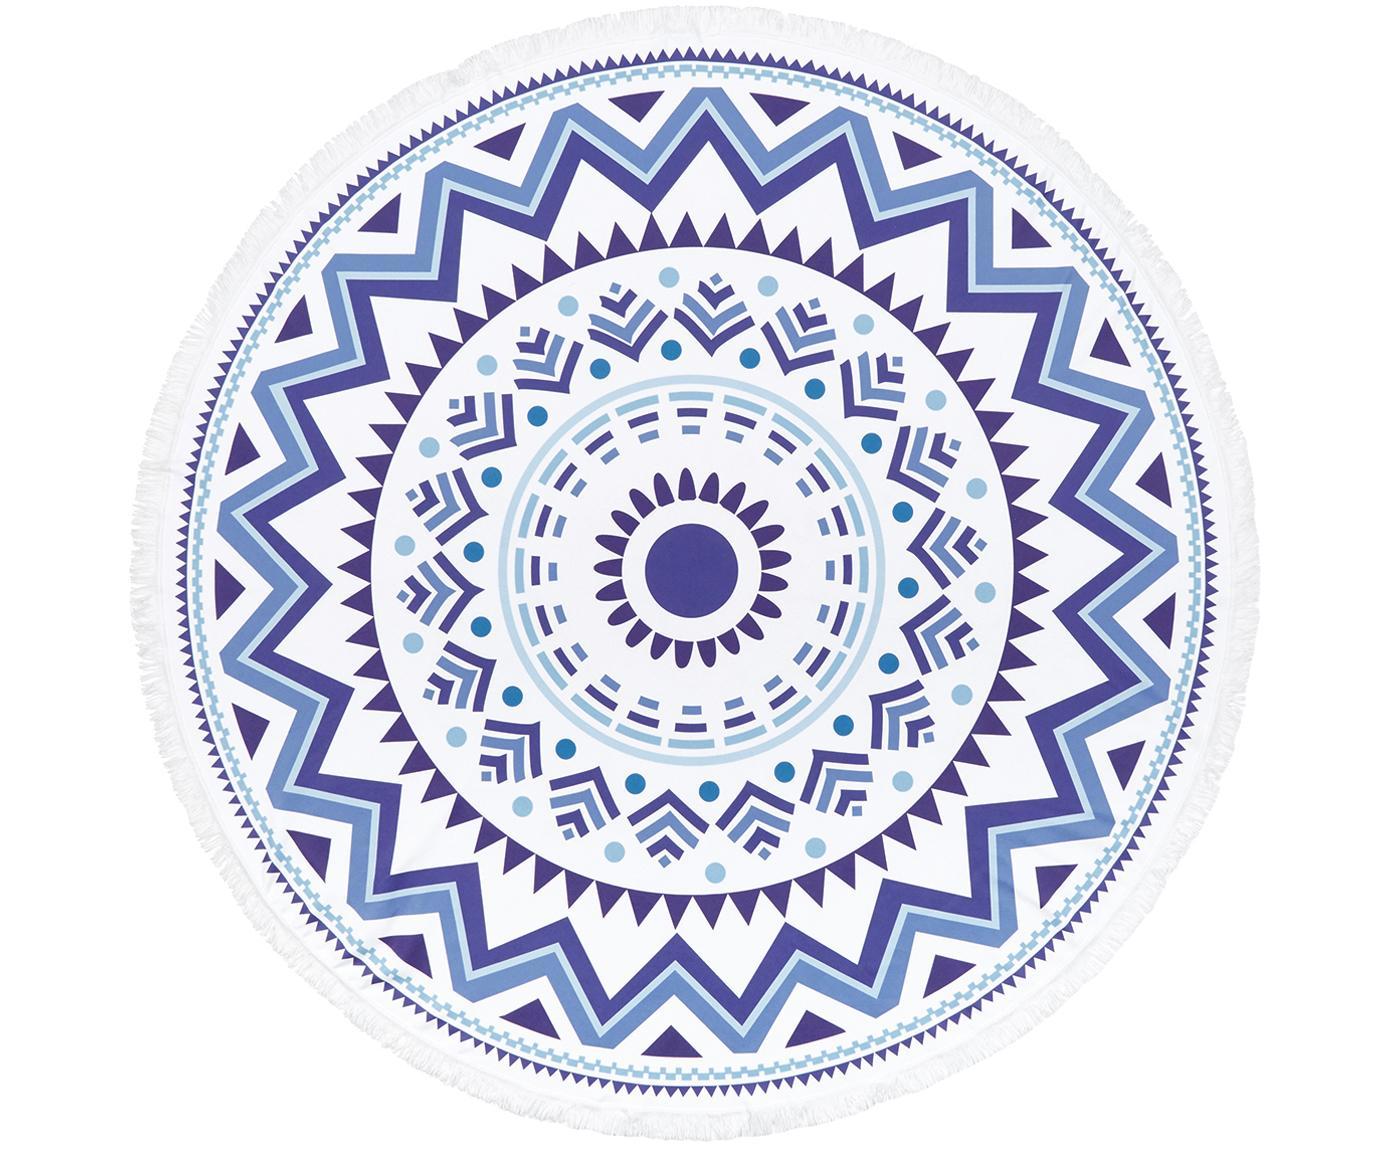 Telo mare rotondo a fantasia Hippie, 55% poliestere, 45% cotone Qualità molto leggera 340 g/m², Blu scuro, azzurro, bianco, Ø 150 cm